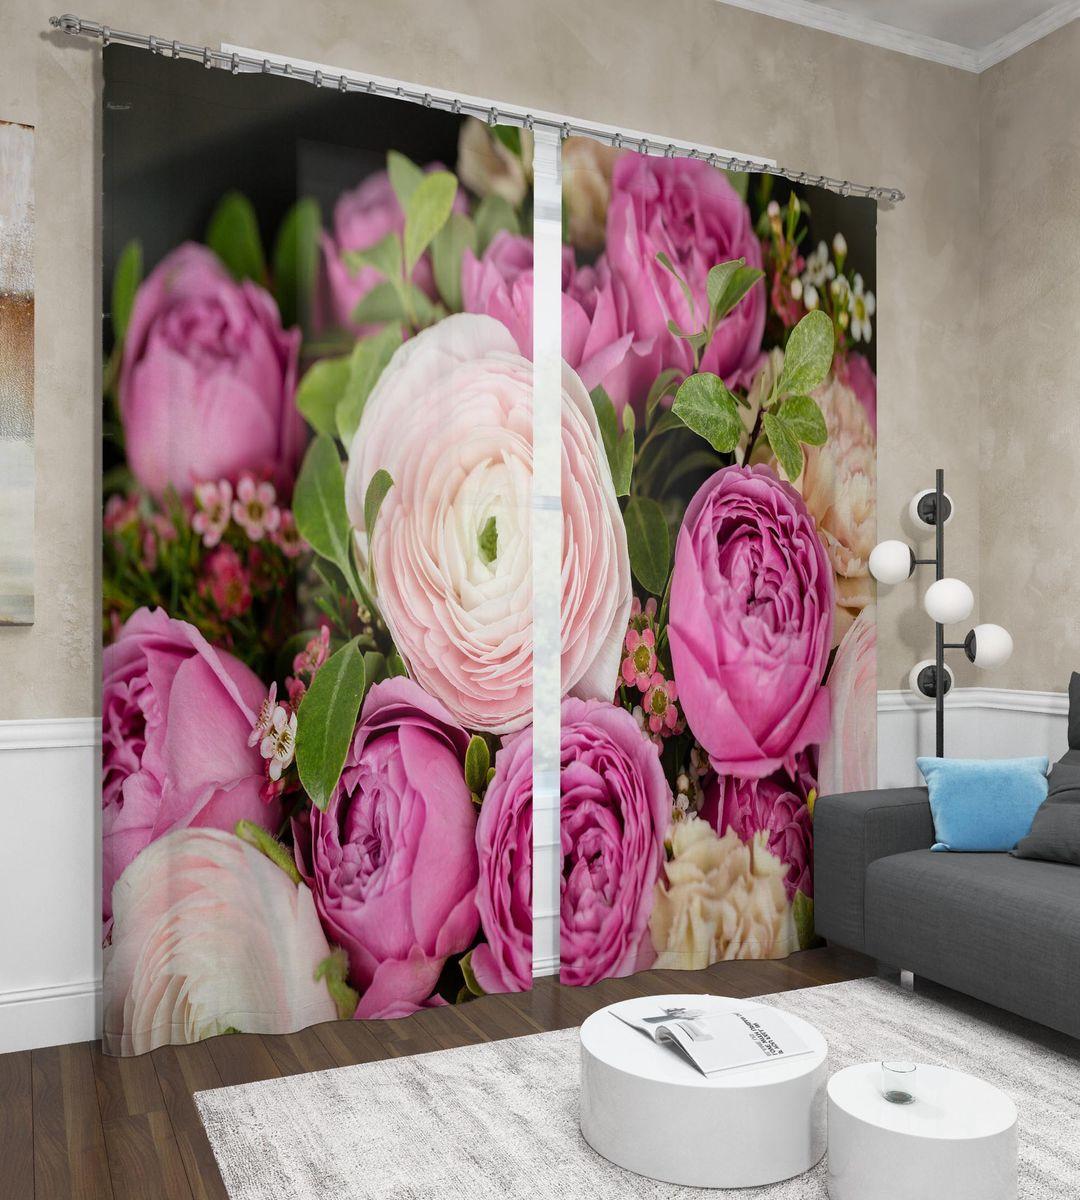 Фотошторы Сирень Нежные пионы, ФШСТ001-13584, розовый, 260 х 150 см, 2 шт